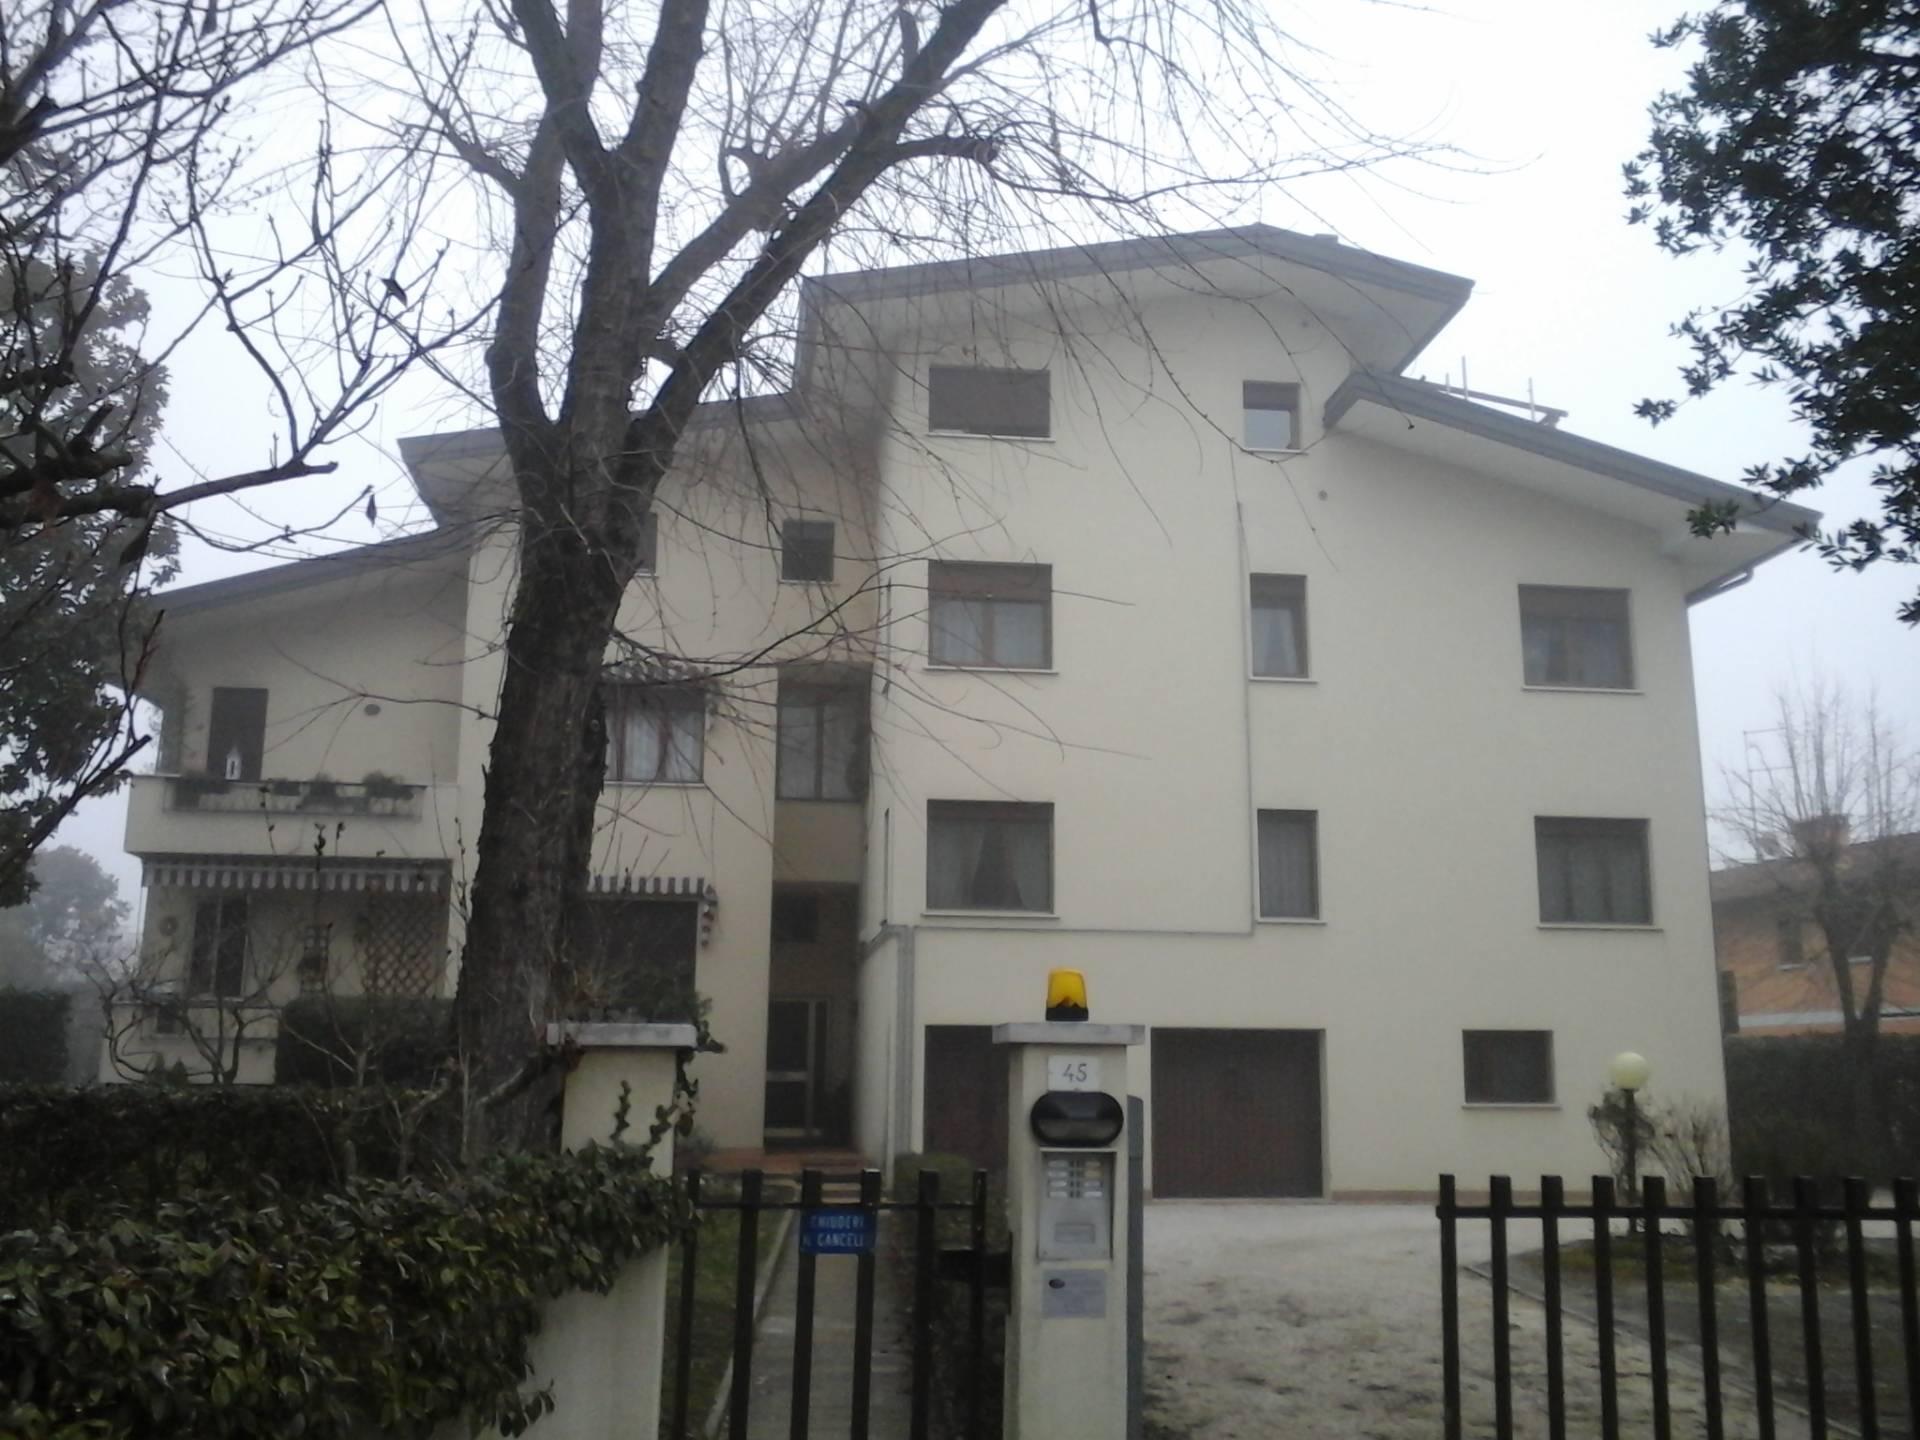 Appartamento in vendita a Casier, 5 locali, zona Località: DossondiCasier, prezzo € 130.000 | CambioCasa.it